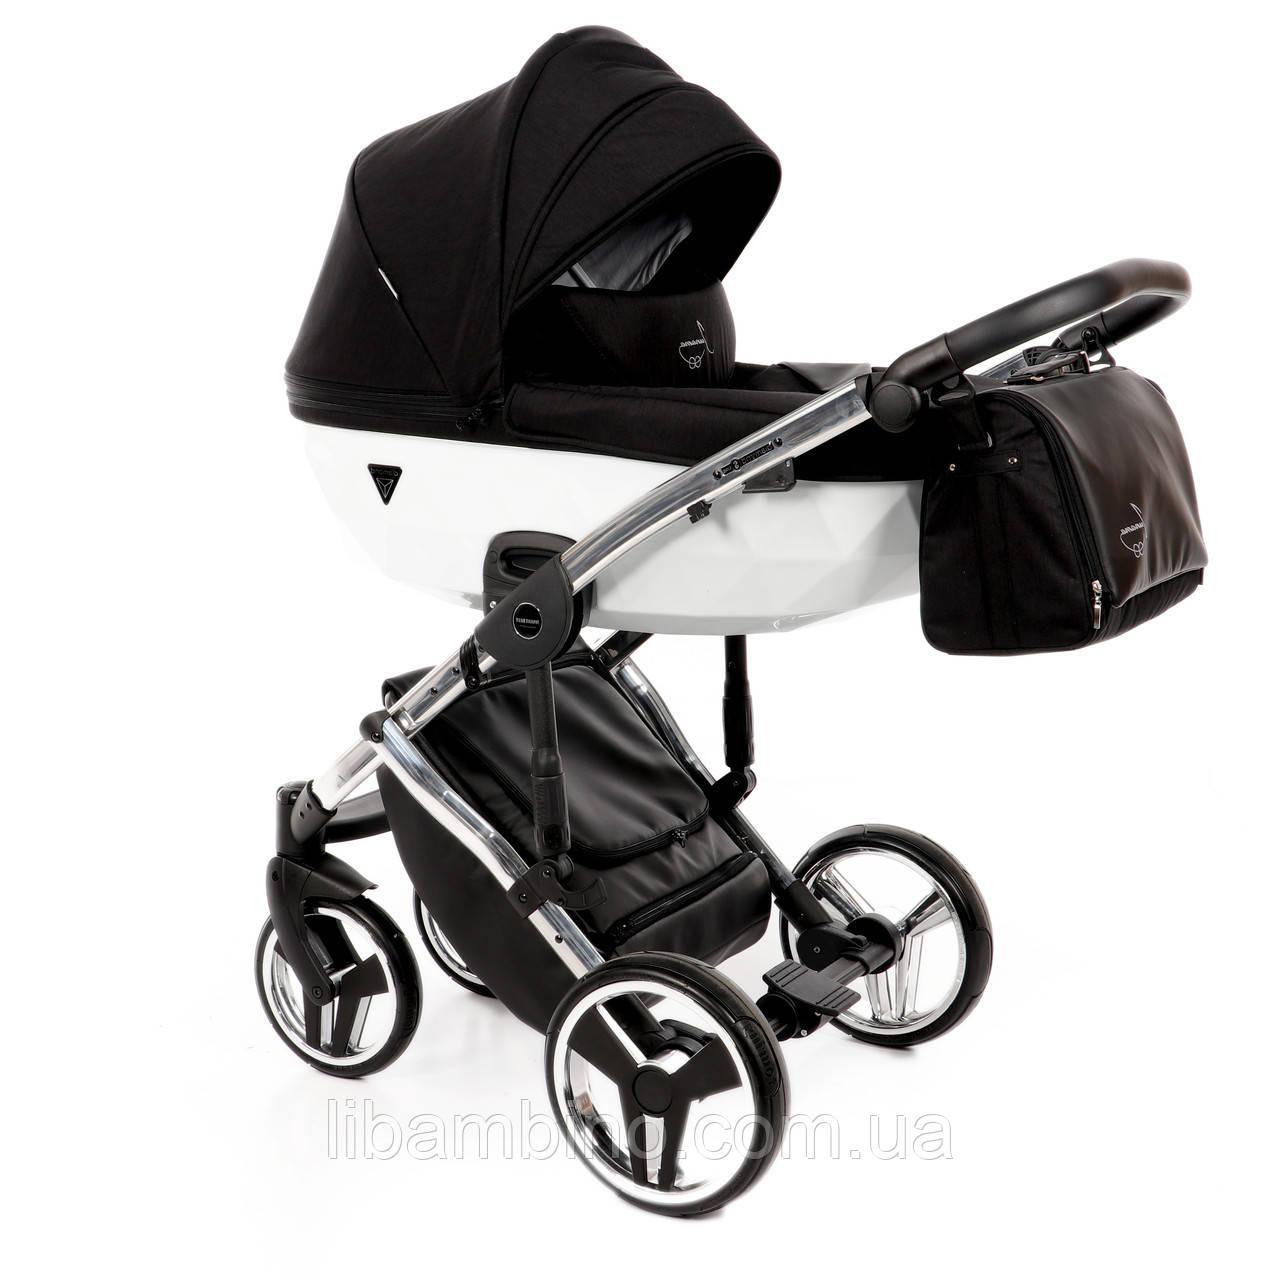 Дитяча універсальна коляска 2 в 1 Junama Diamond S-line White